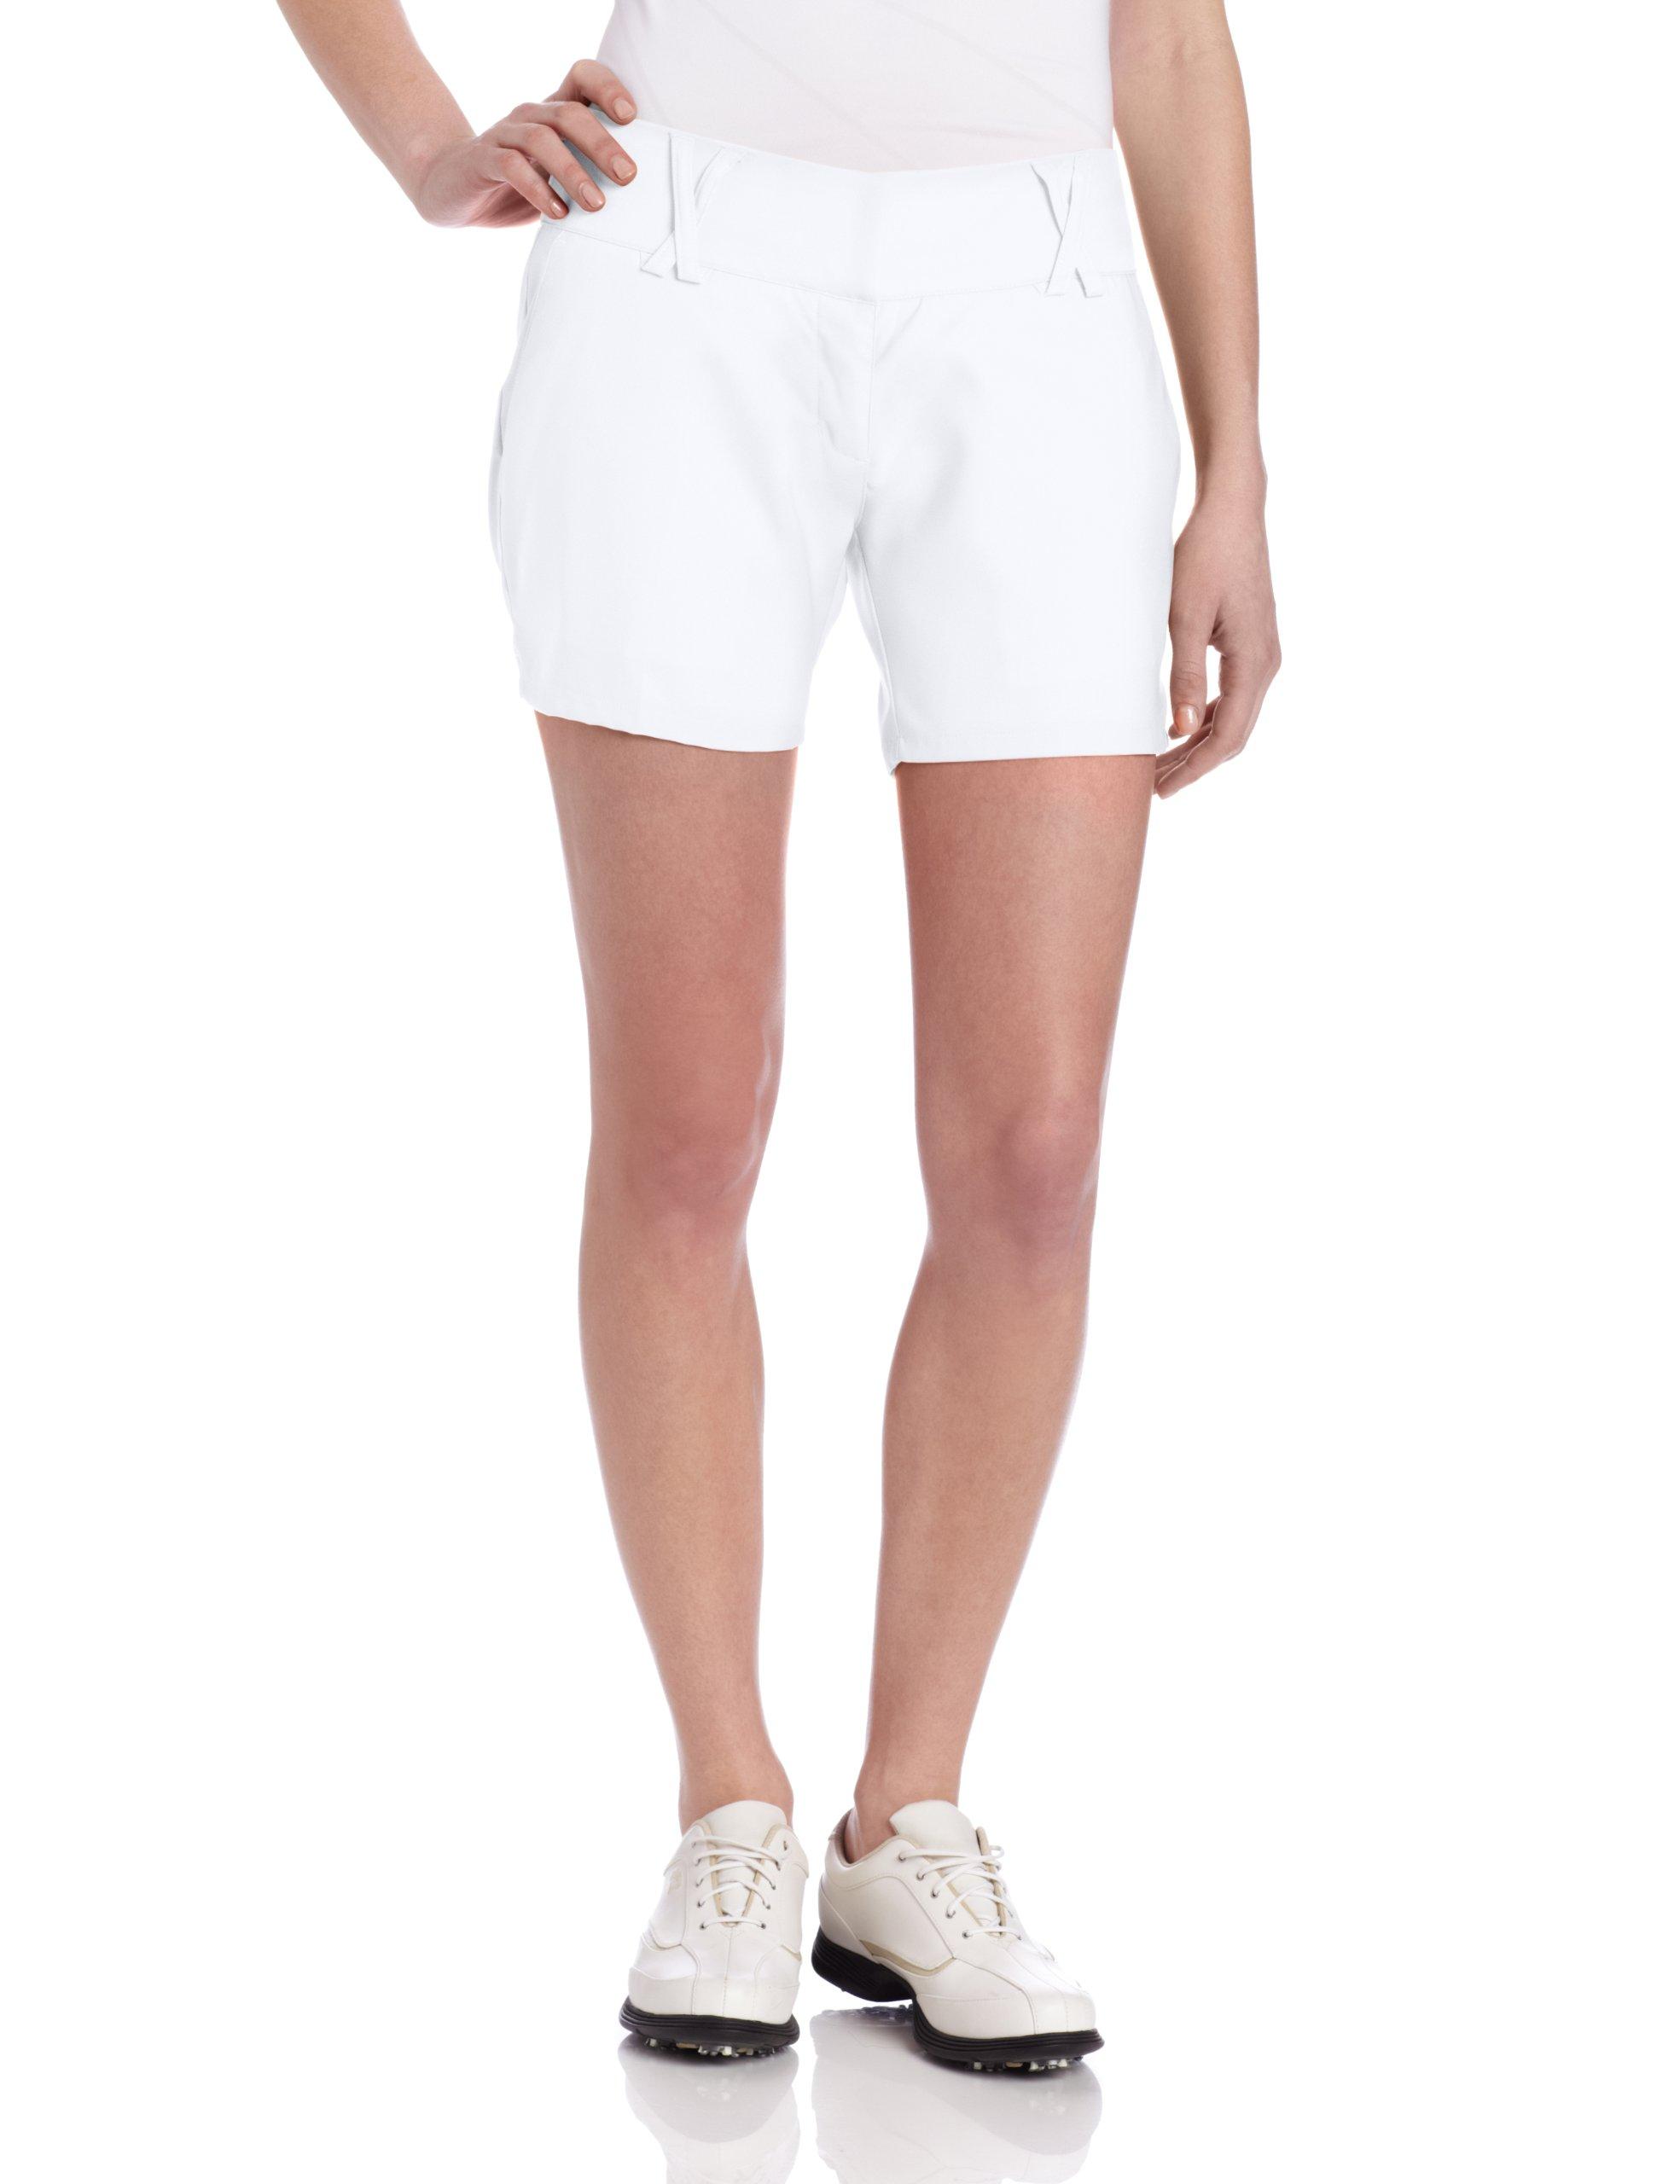 adidas Climalite Stretch Novelty Short, 14-Inch, White